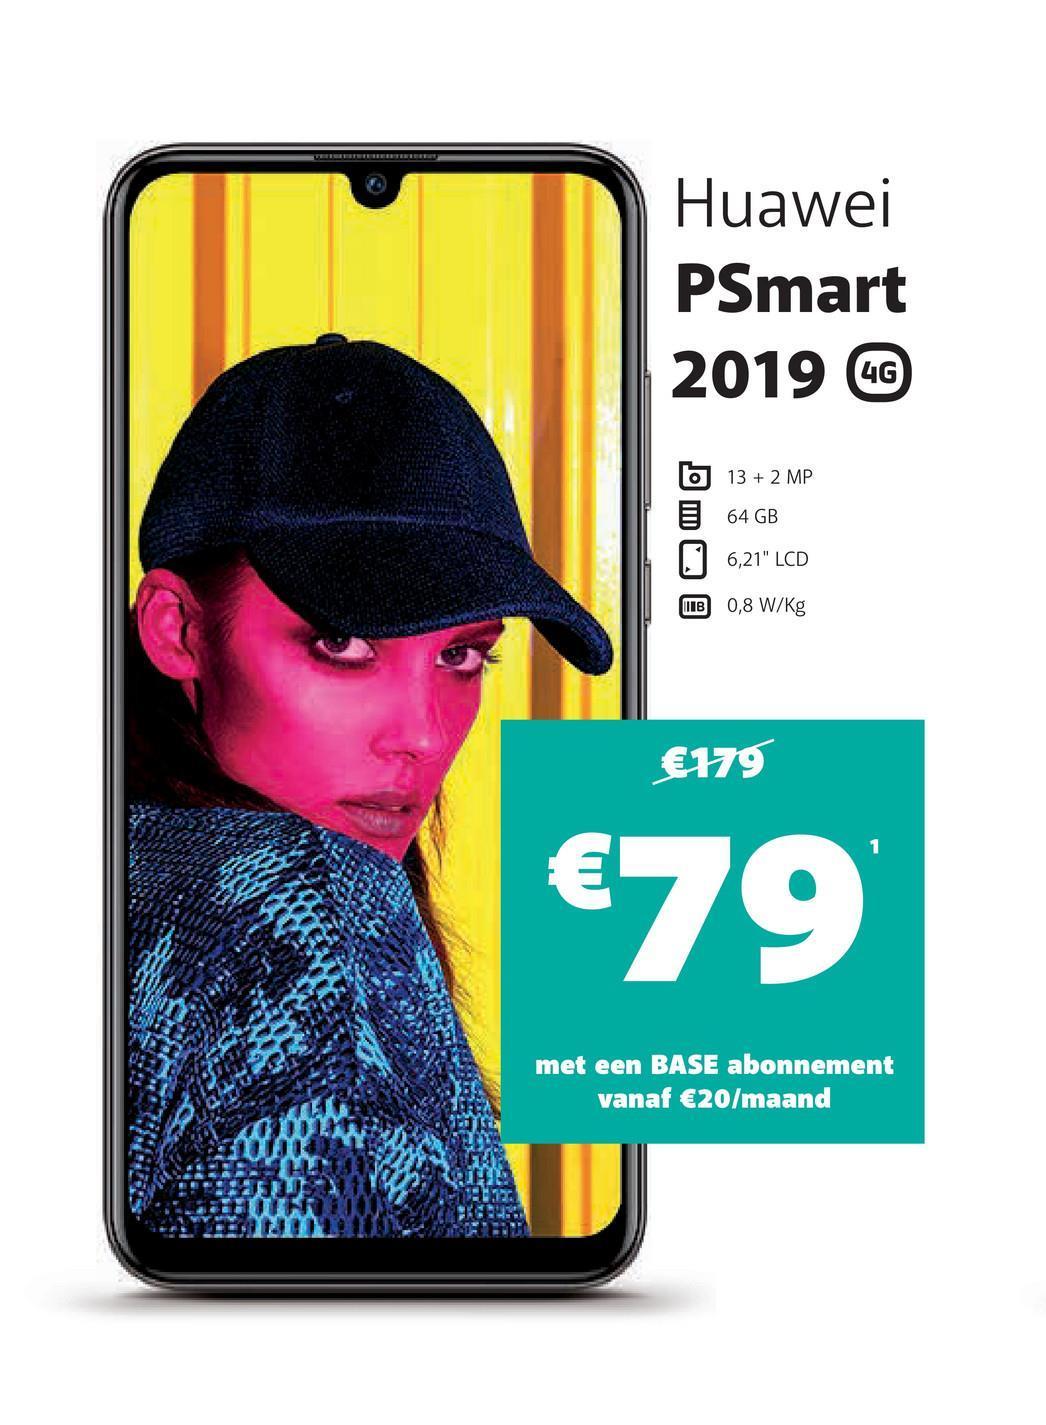 """Huawei PSmart 2019 CG 6 13 + 2 MP 64 GB 6,21"""" LCD IB 0,8 W/kg €179 €79 met een BASE abonnement vanaf €20/maand"""